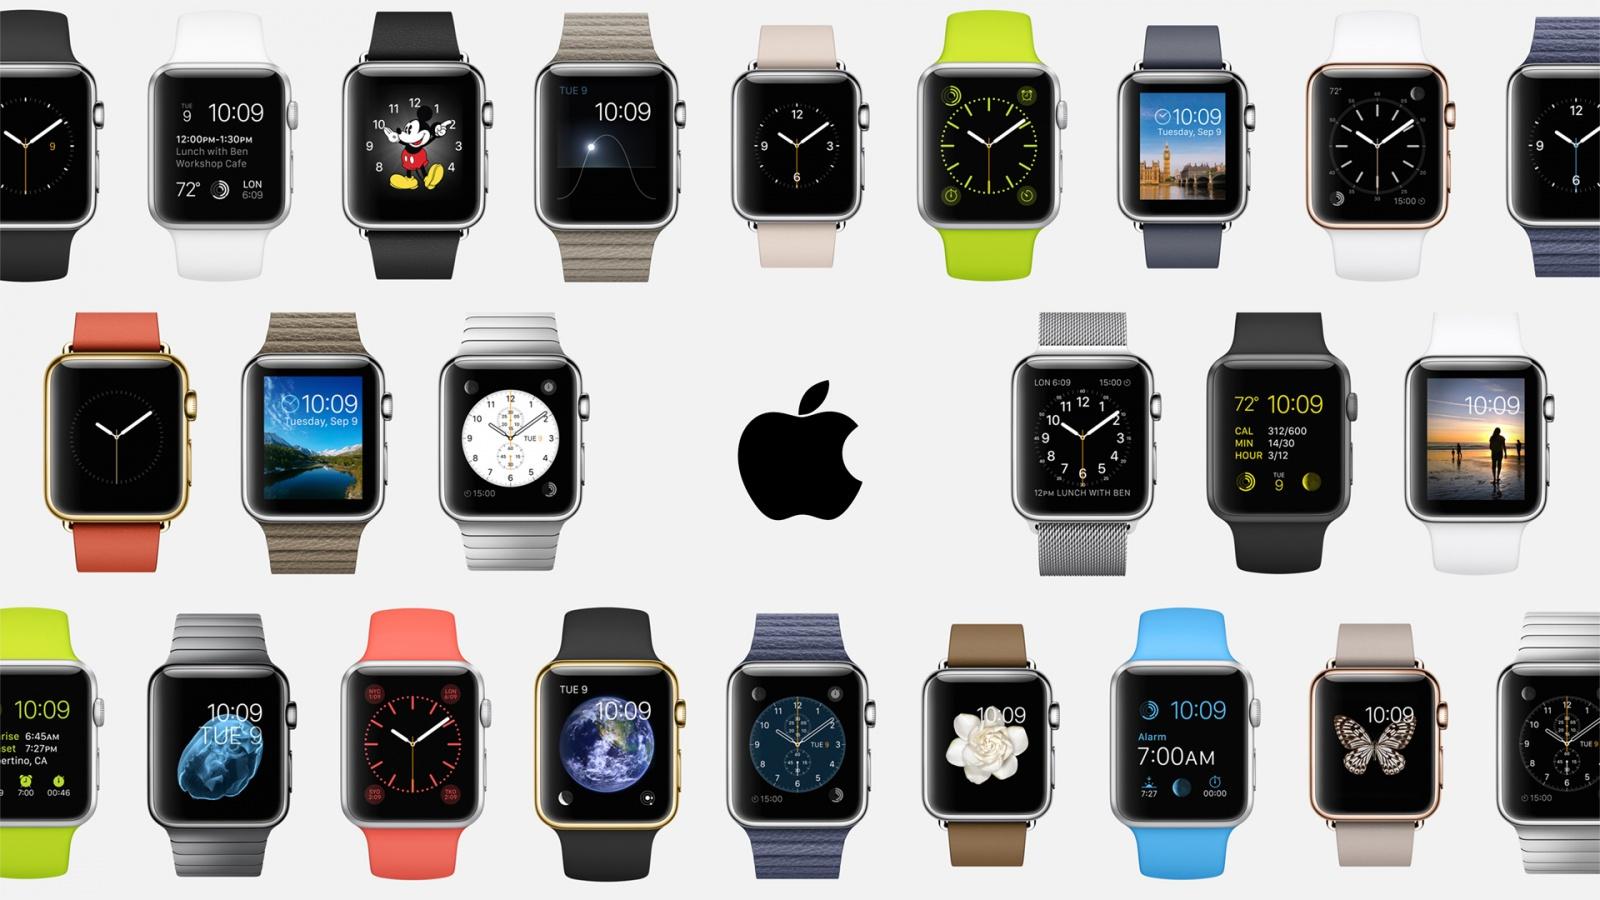 Первые успехи Apple Watch, отчеты App Annie и Tapjoy, Европа против Google — и другие новости недели для мобильного разработчика - 1